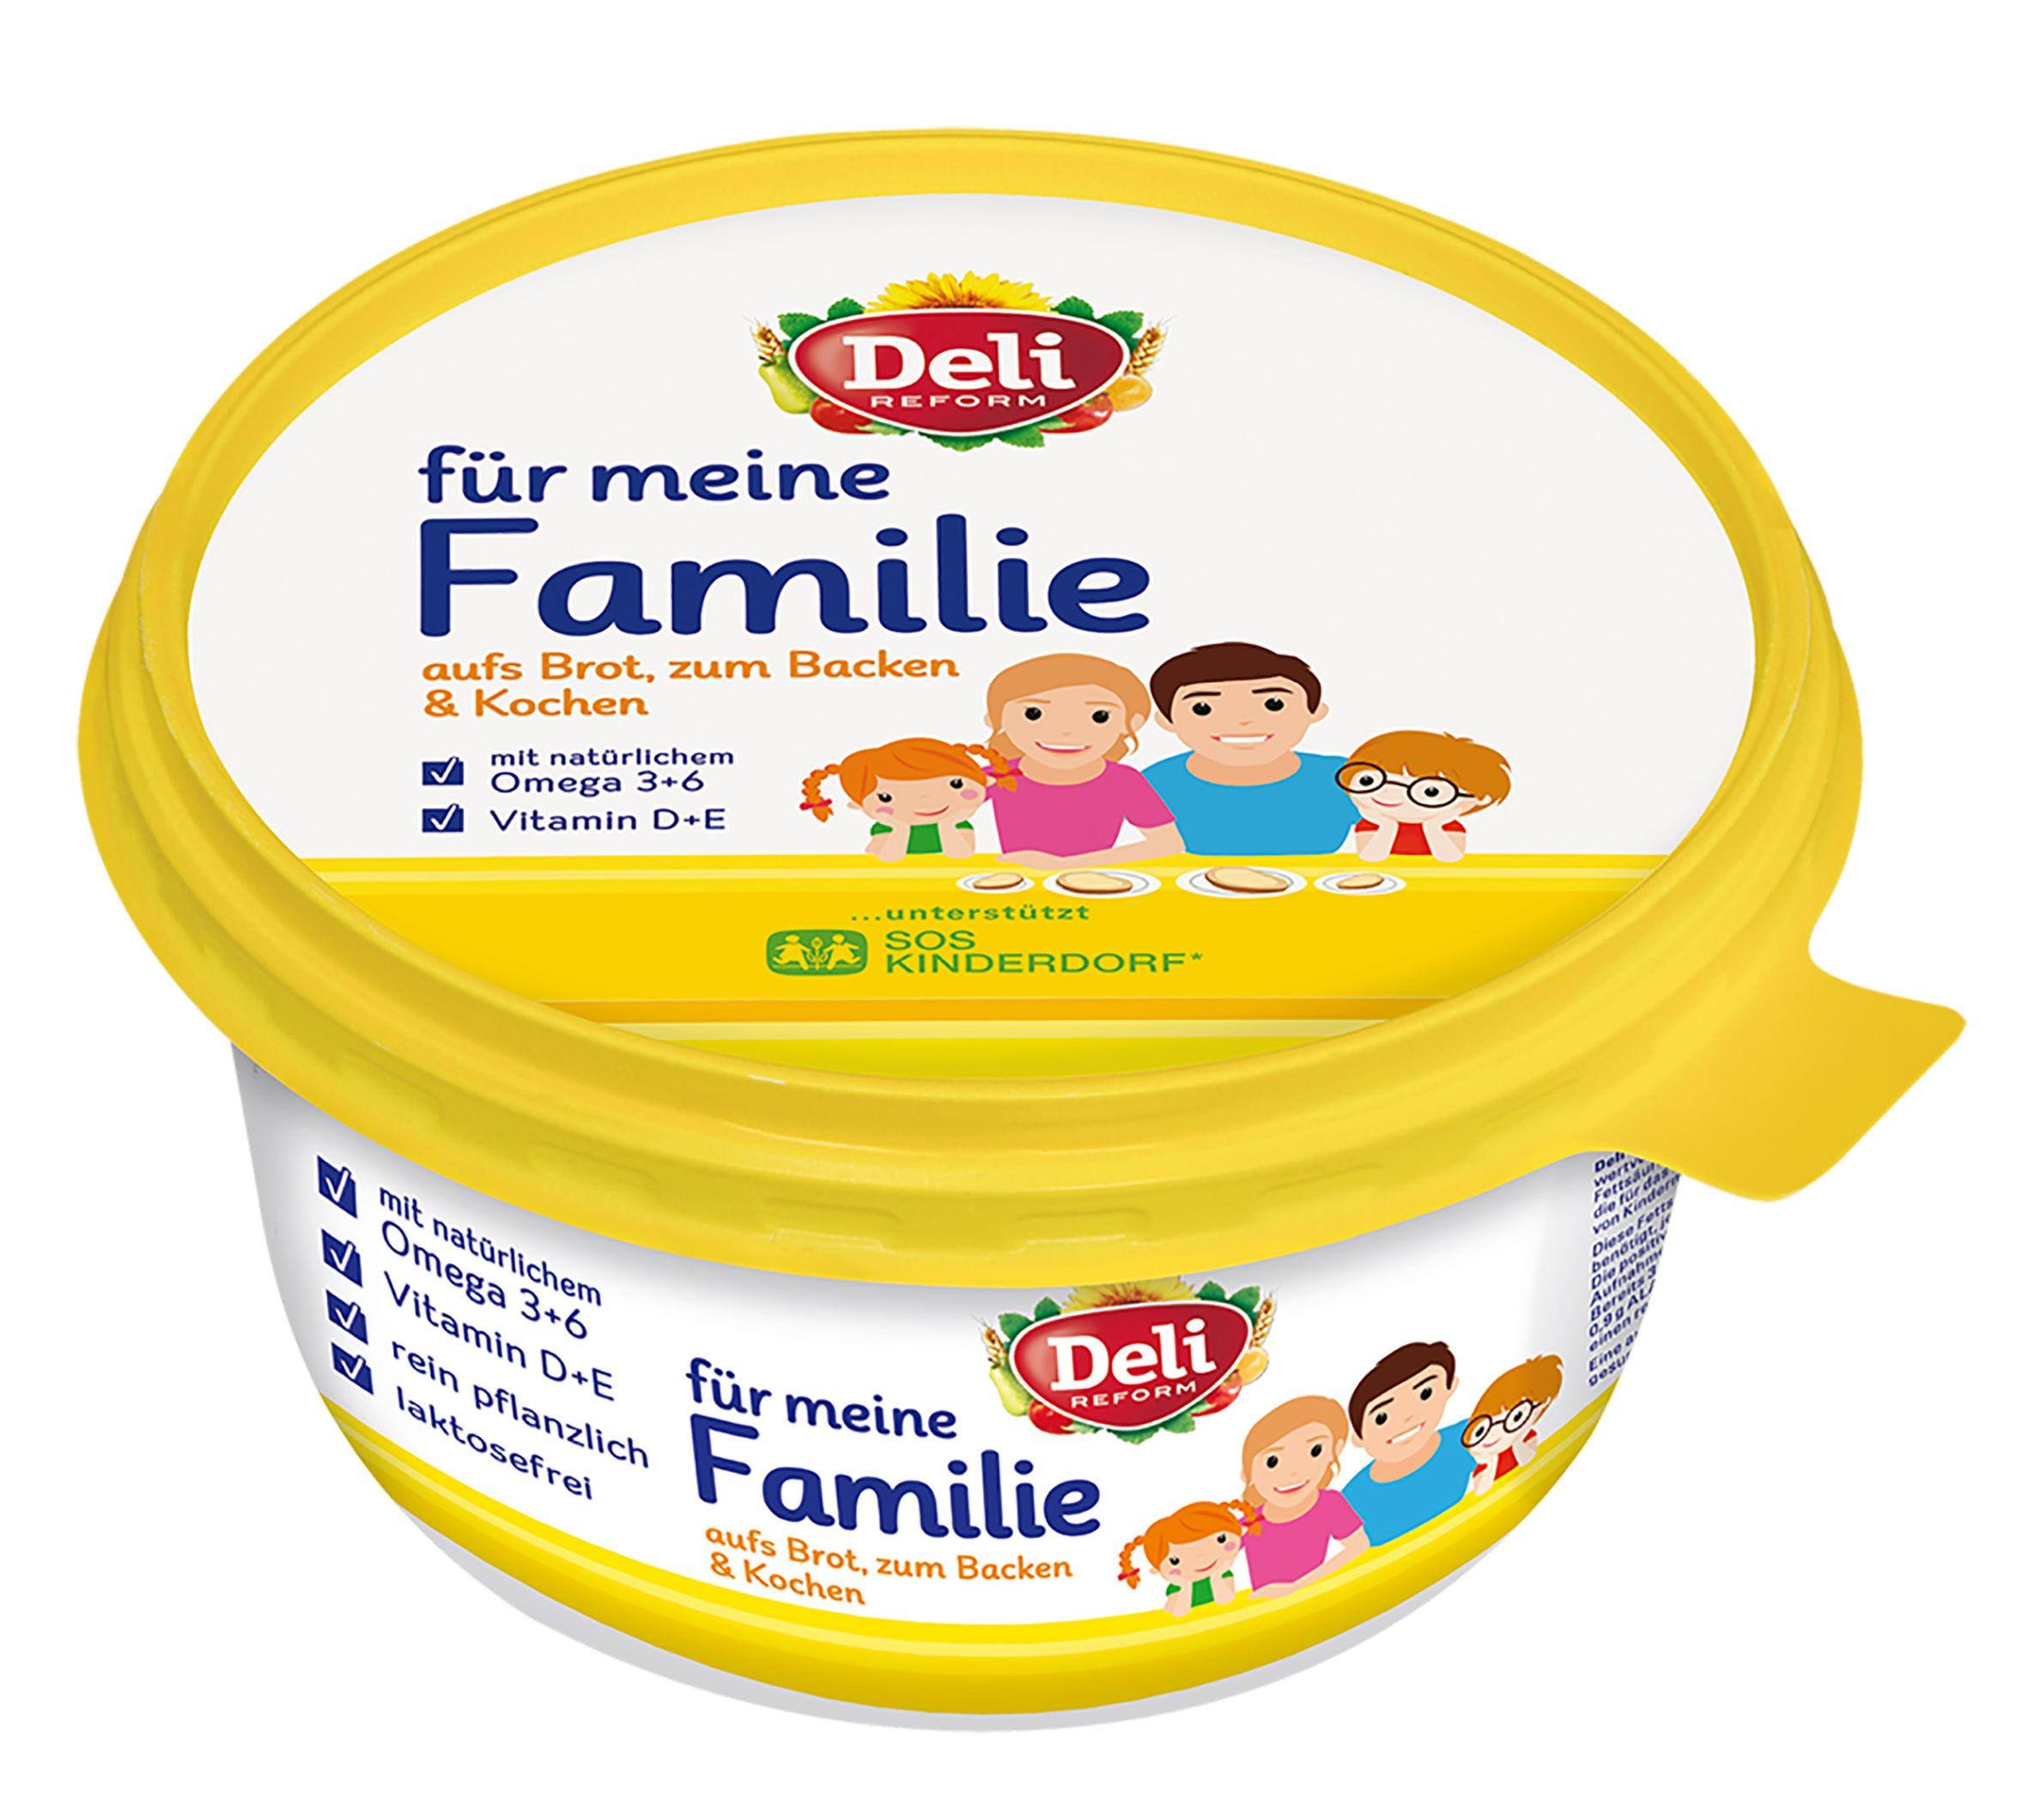 Deli Reform für meine Familie im neuen Look